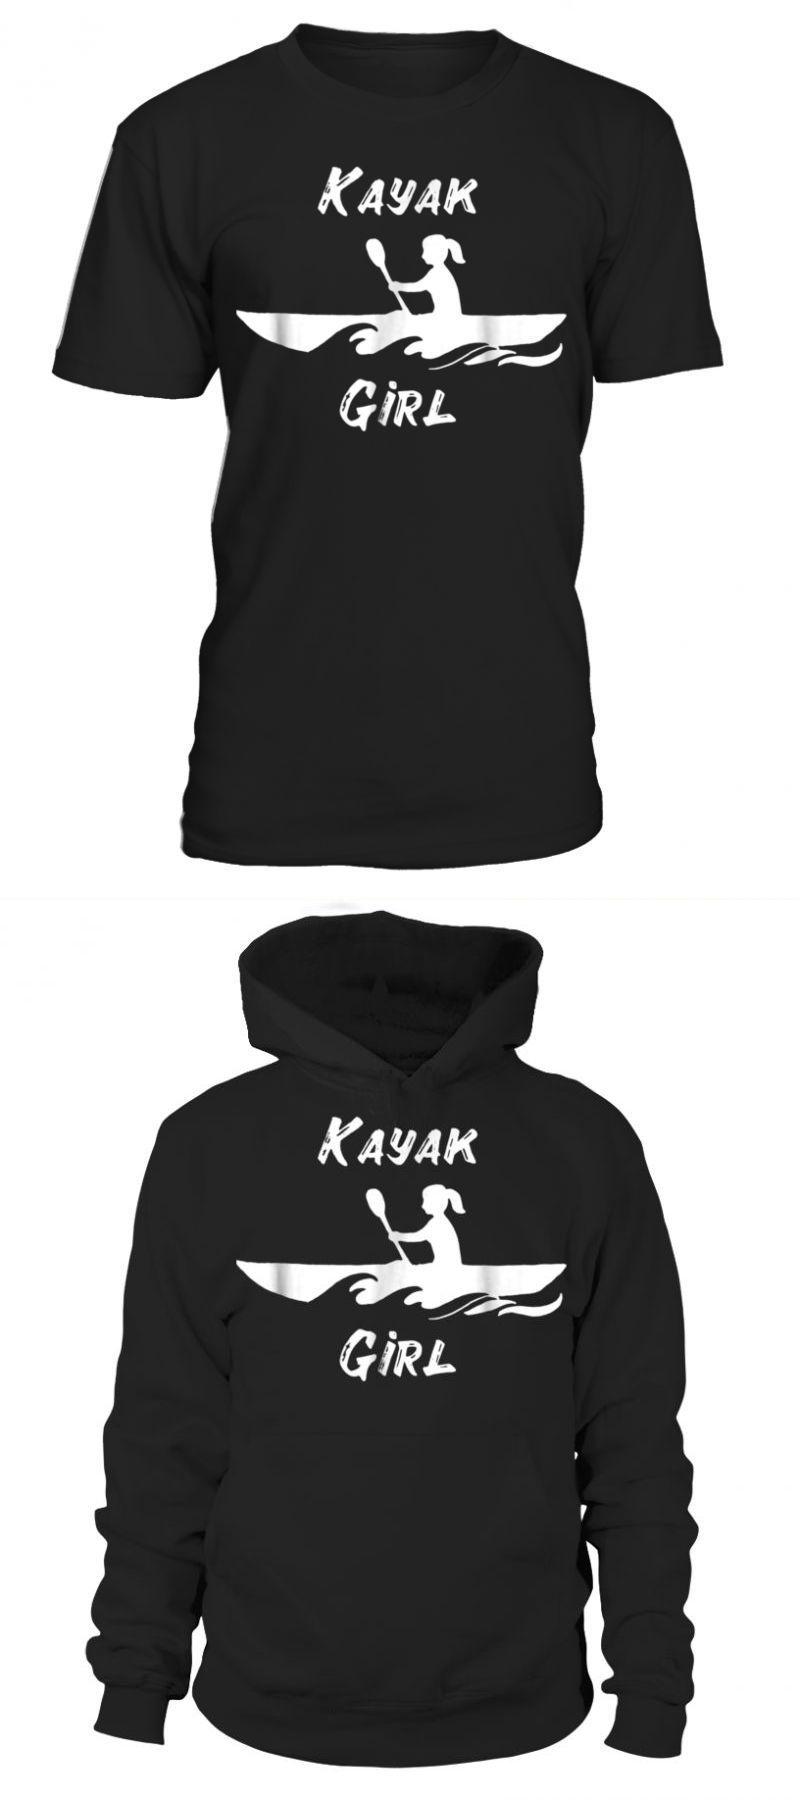 36f5ebc4b8 Swimming t shirt material kayak girl shirt kmart swimming t shirt #swimming  #shirt #material #kayak #girl #kmart #lycra #round #neck #t-shirt #unisex #  ...